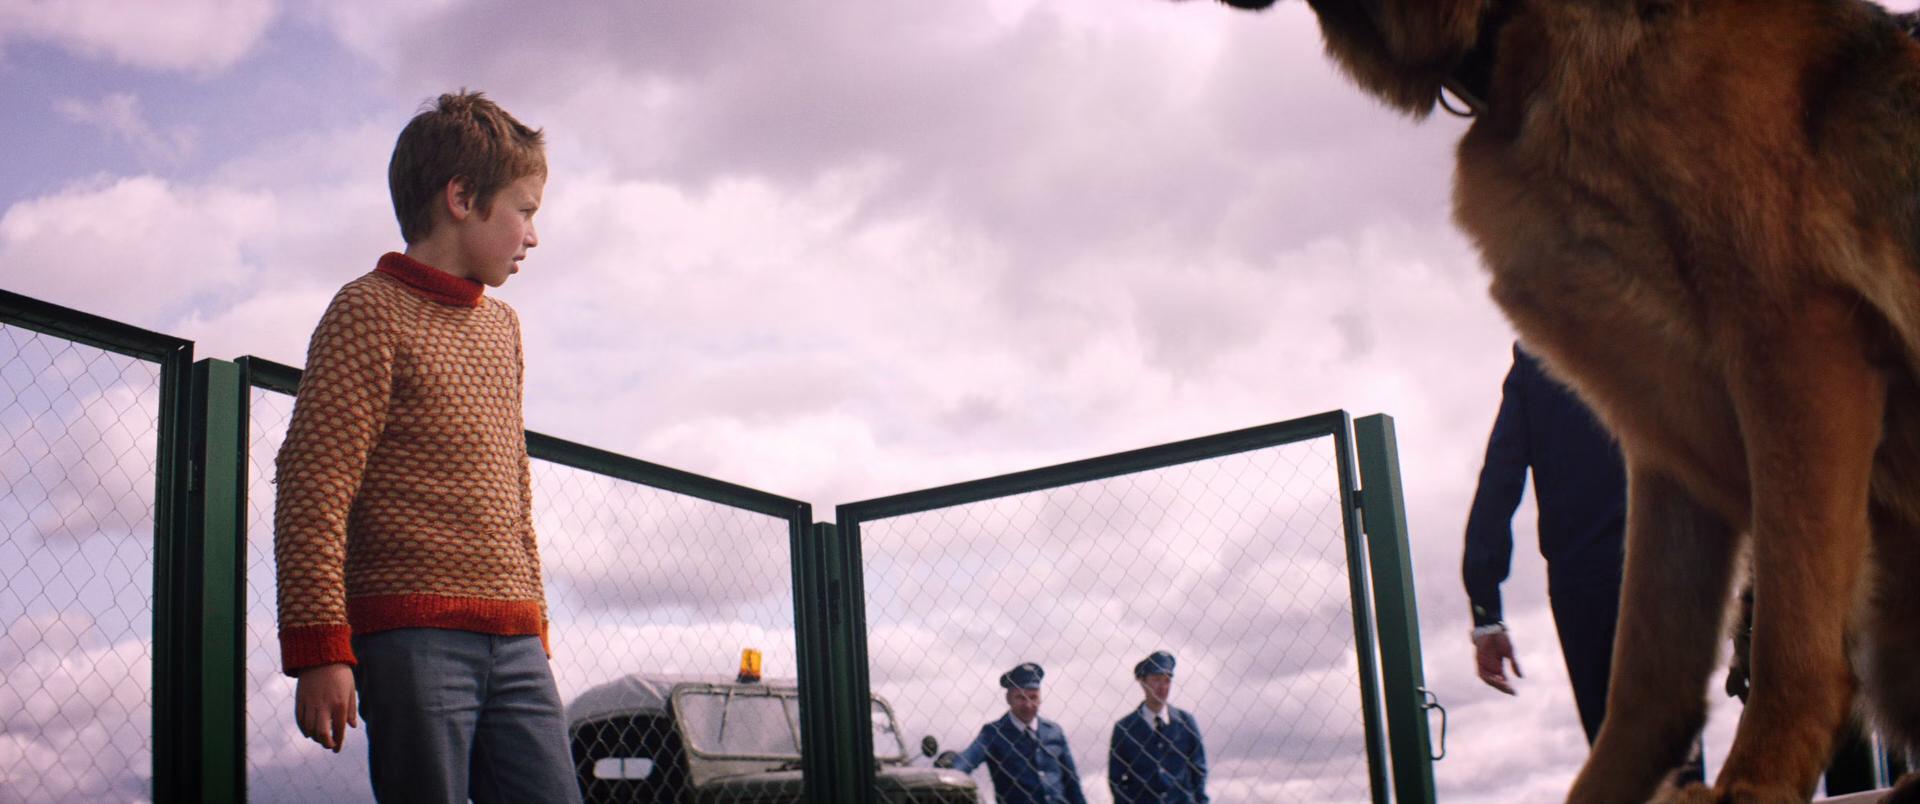 悠悠MP4_MP4电影下载_[忠犬帕尔玛][BD-MKV/10.26GB][简繁字幕][1080P][H265编码][狗,动物,俄罗斯,感人,剧情,2021观影,欧洲电影]